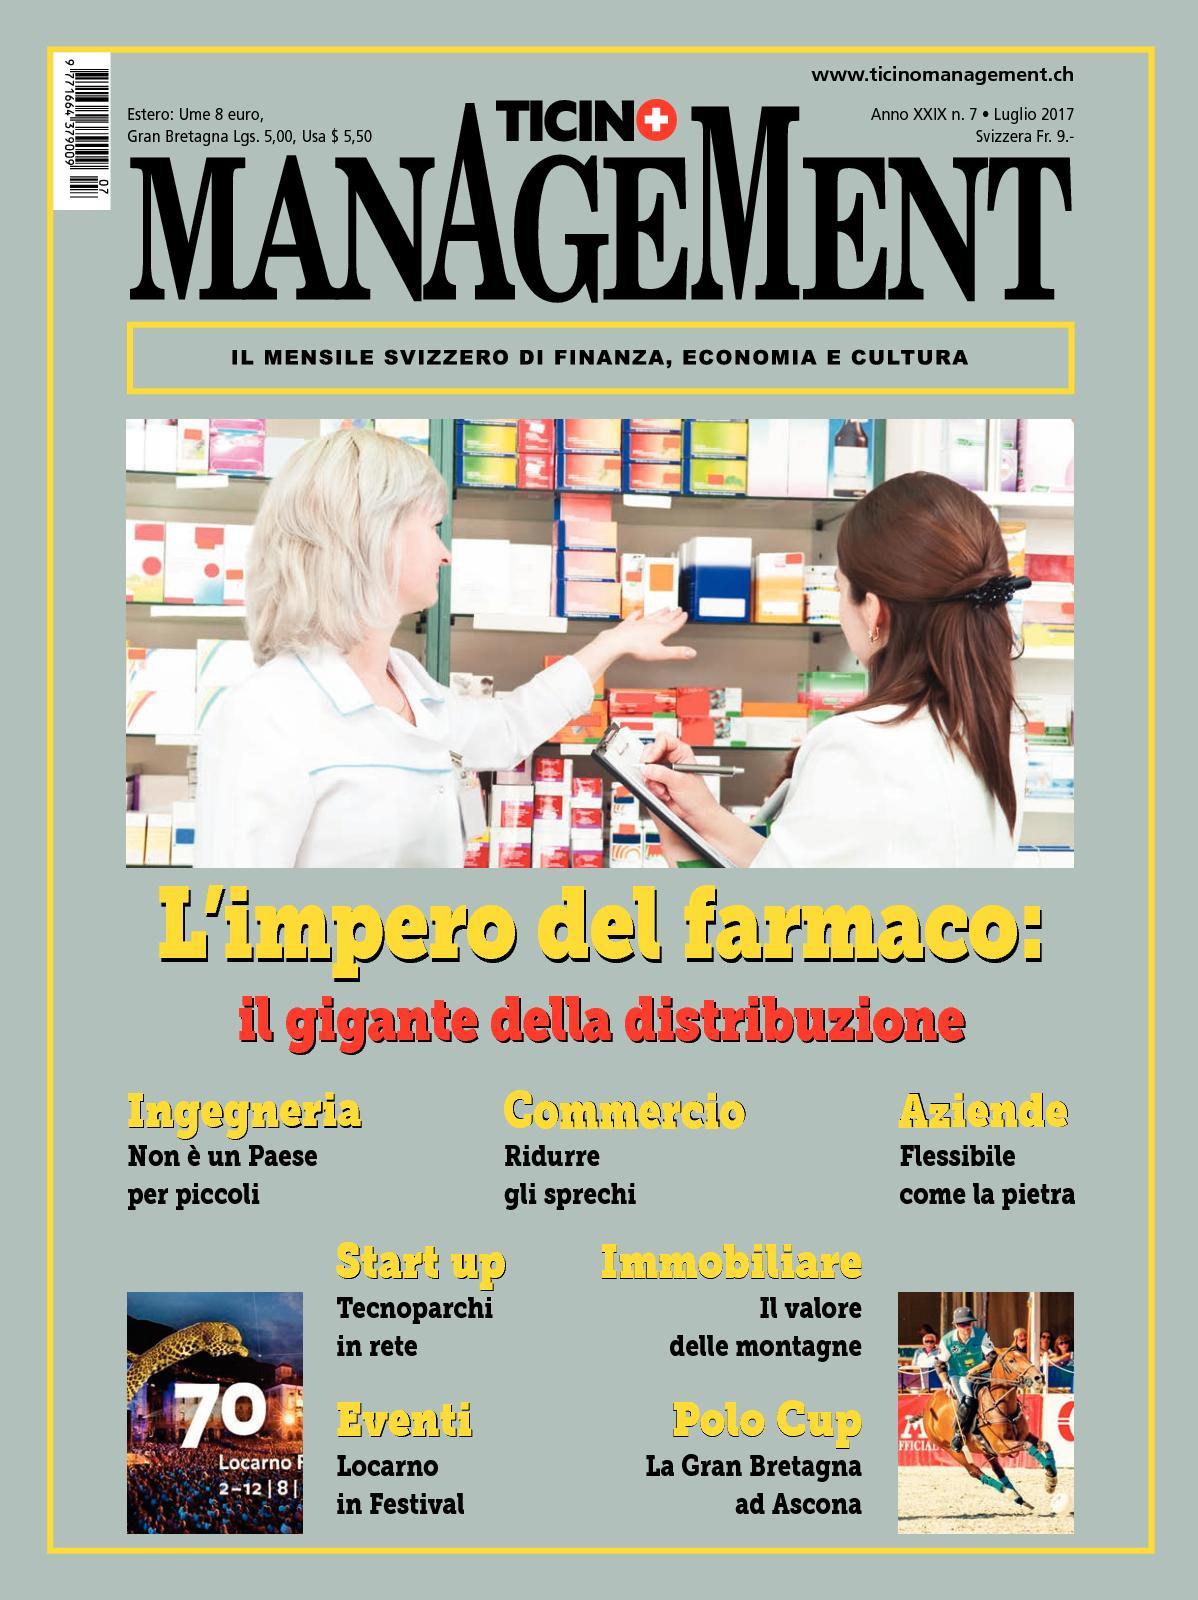 Calaméo - Ticino Management Luglio 2017 7da3e4de2ba